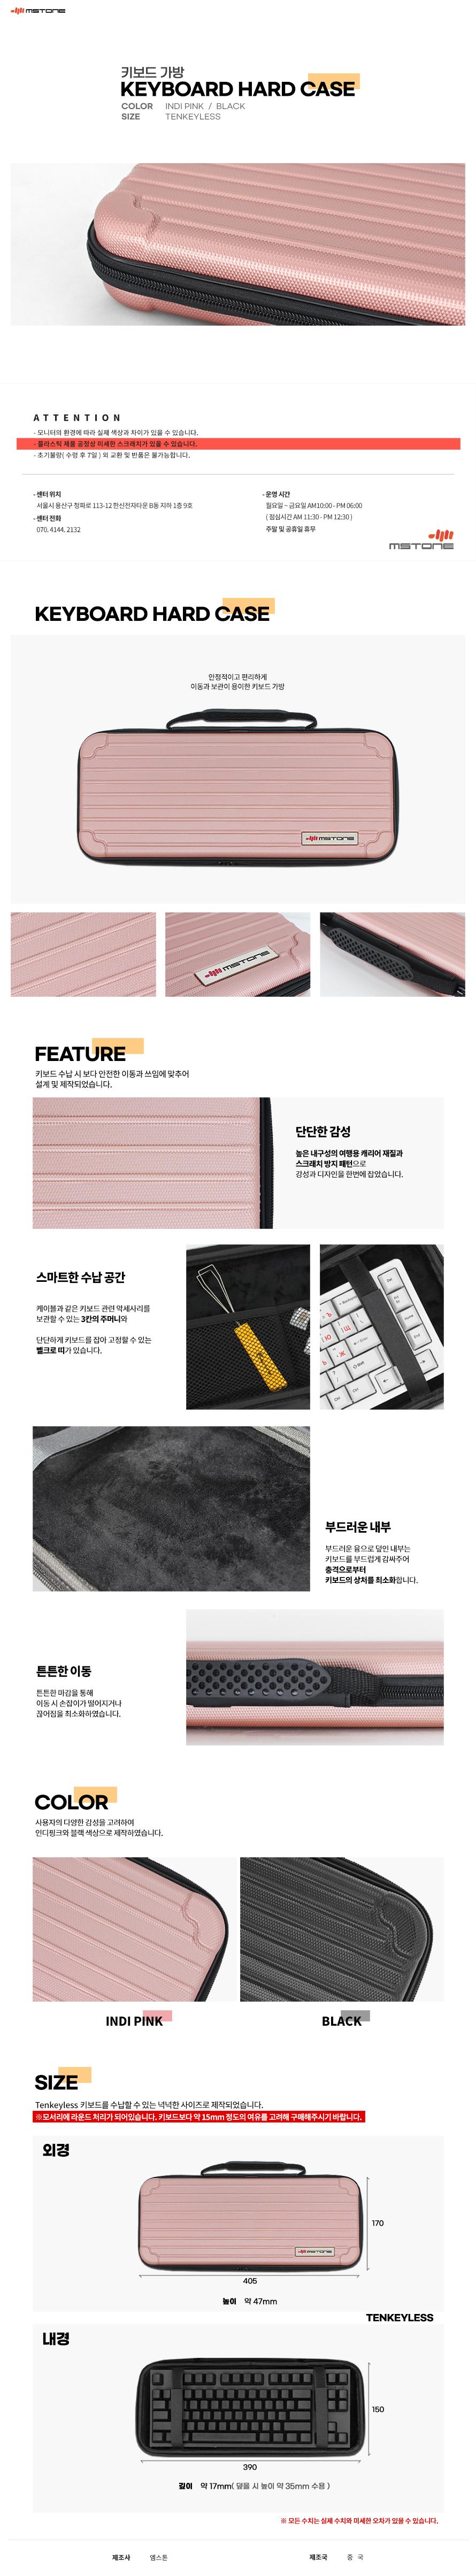 엠스톤글로벌 mStone 87 키보드 가방 (블랙)